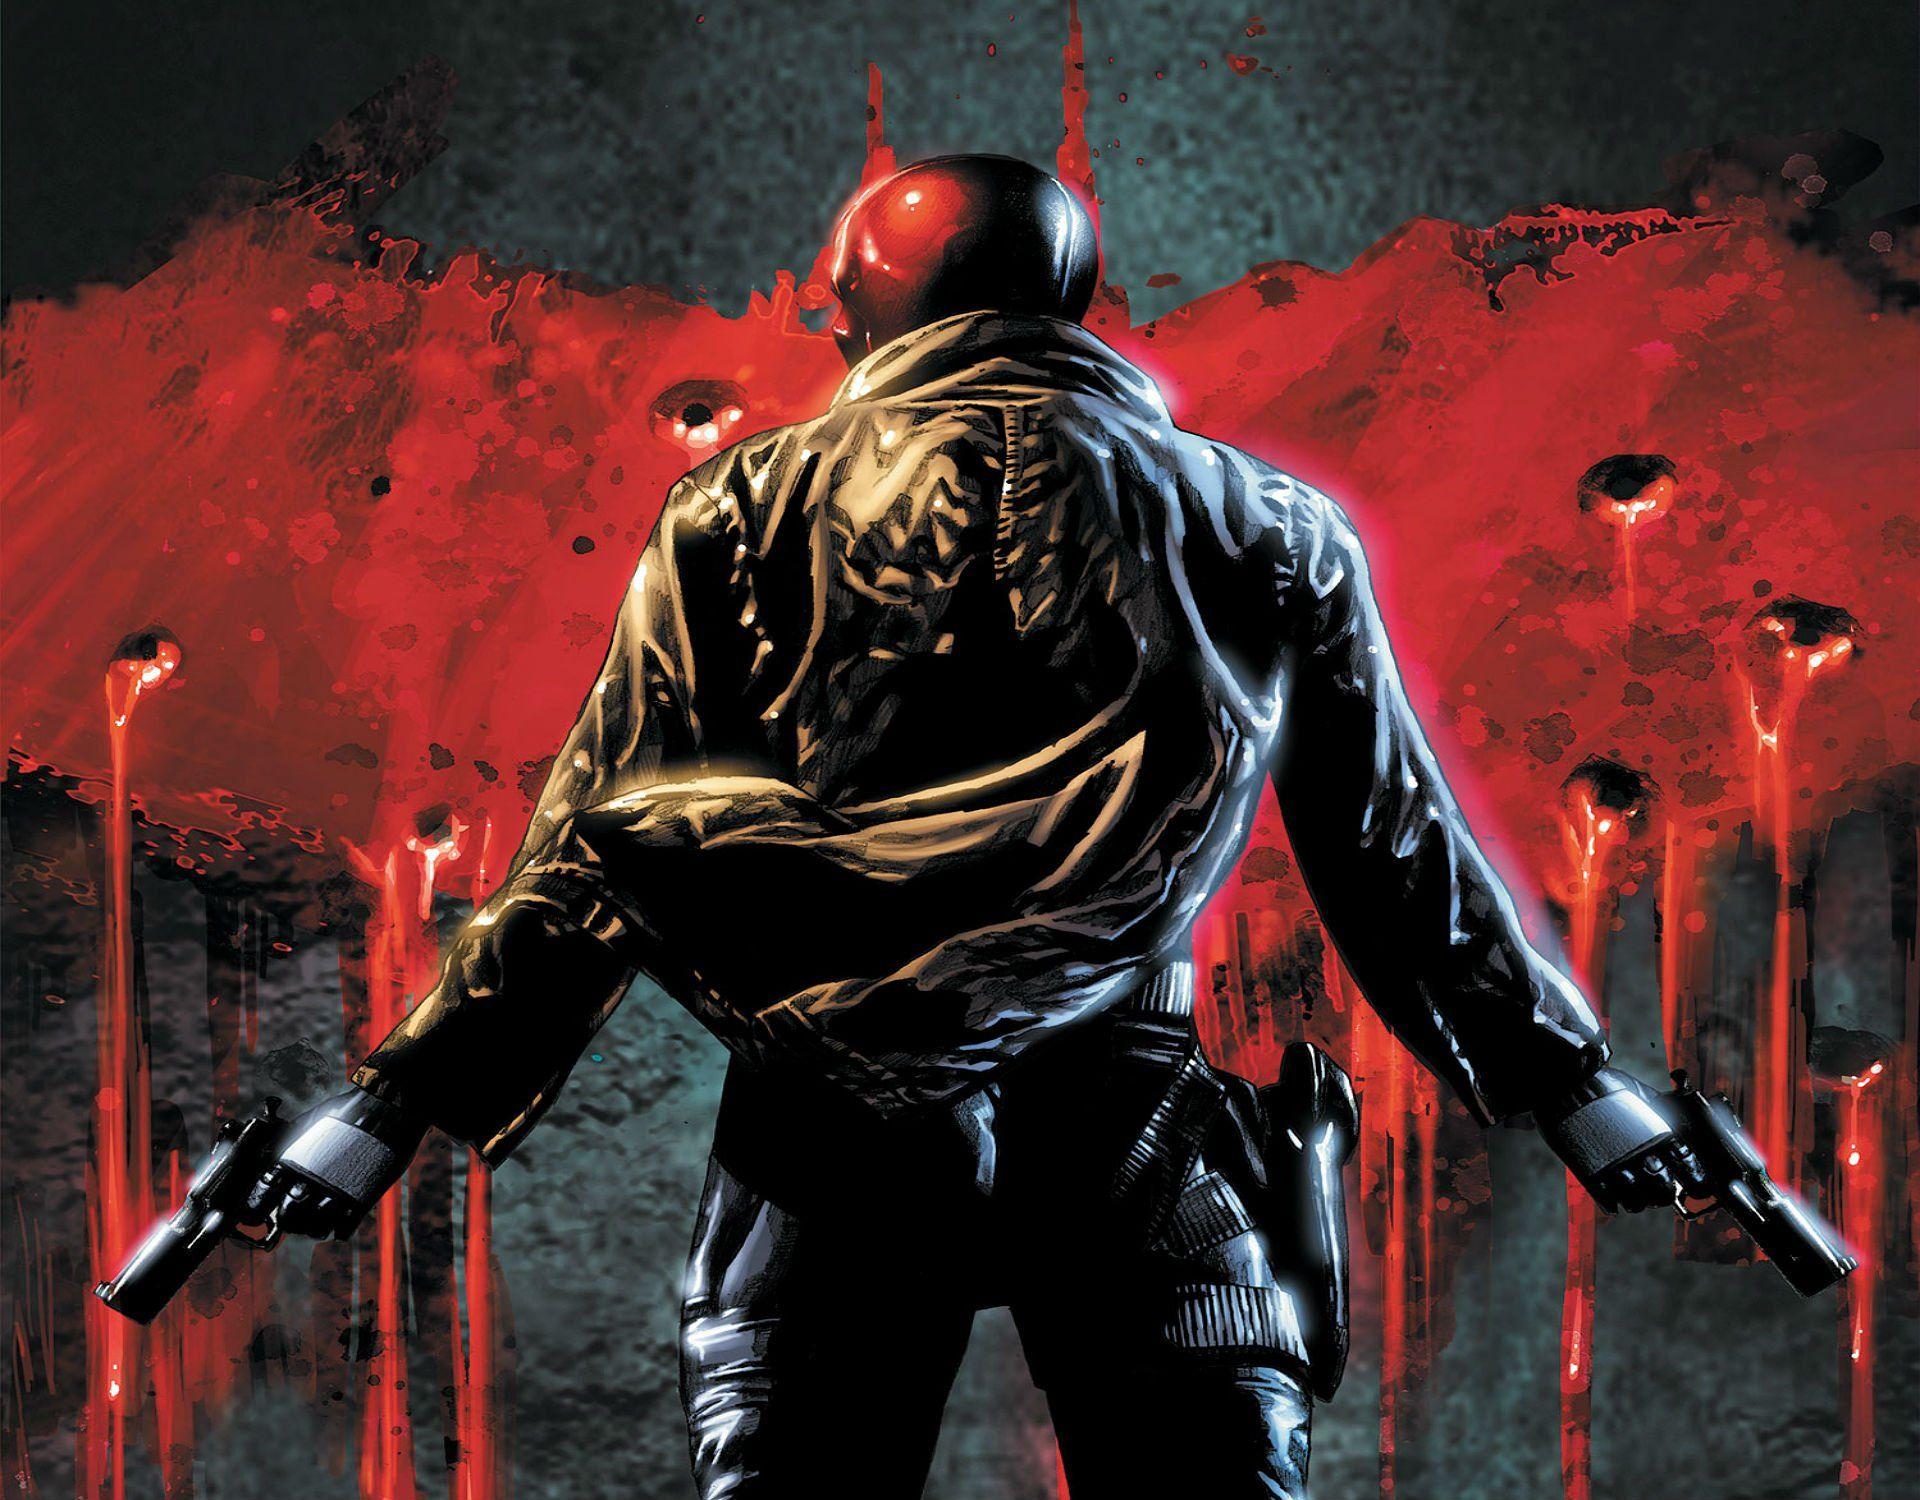 batman dc comics red hood wallpapers epic car